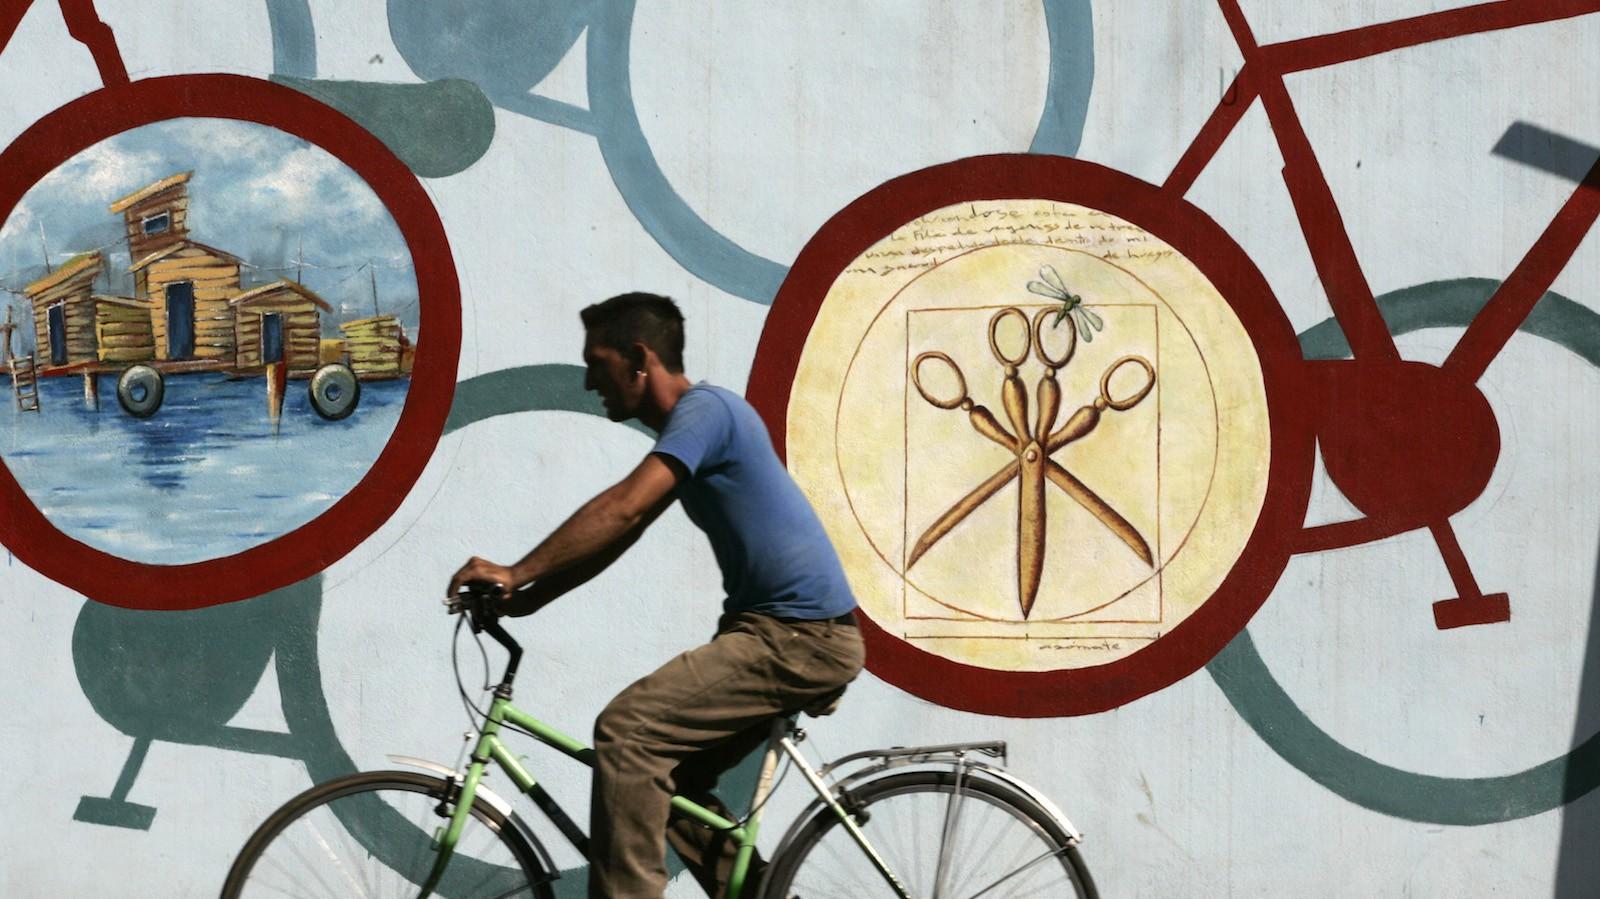 A man rides his bicycle past a wall painting in Cienfuegos, Cuba, November 9, 2007. REUTERS/Enrique De La Osa (CUBA) - RTX60D